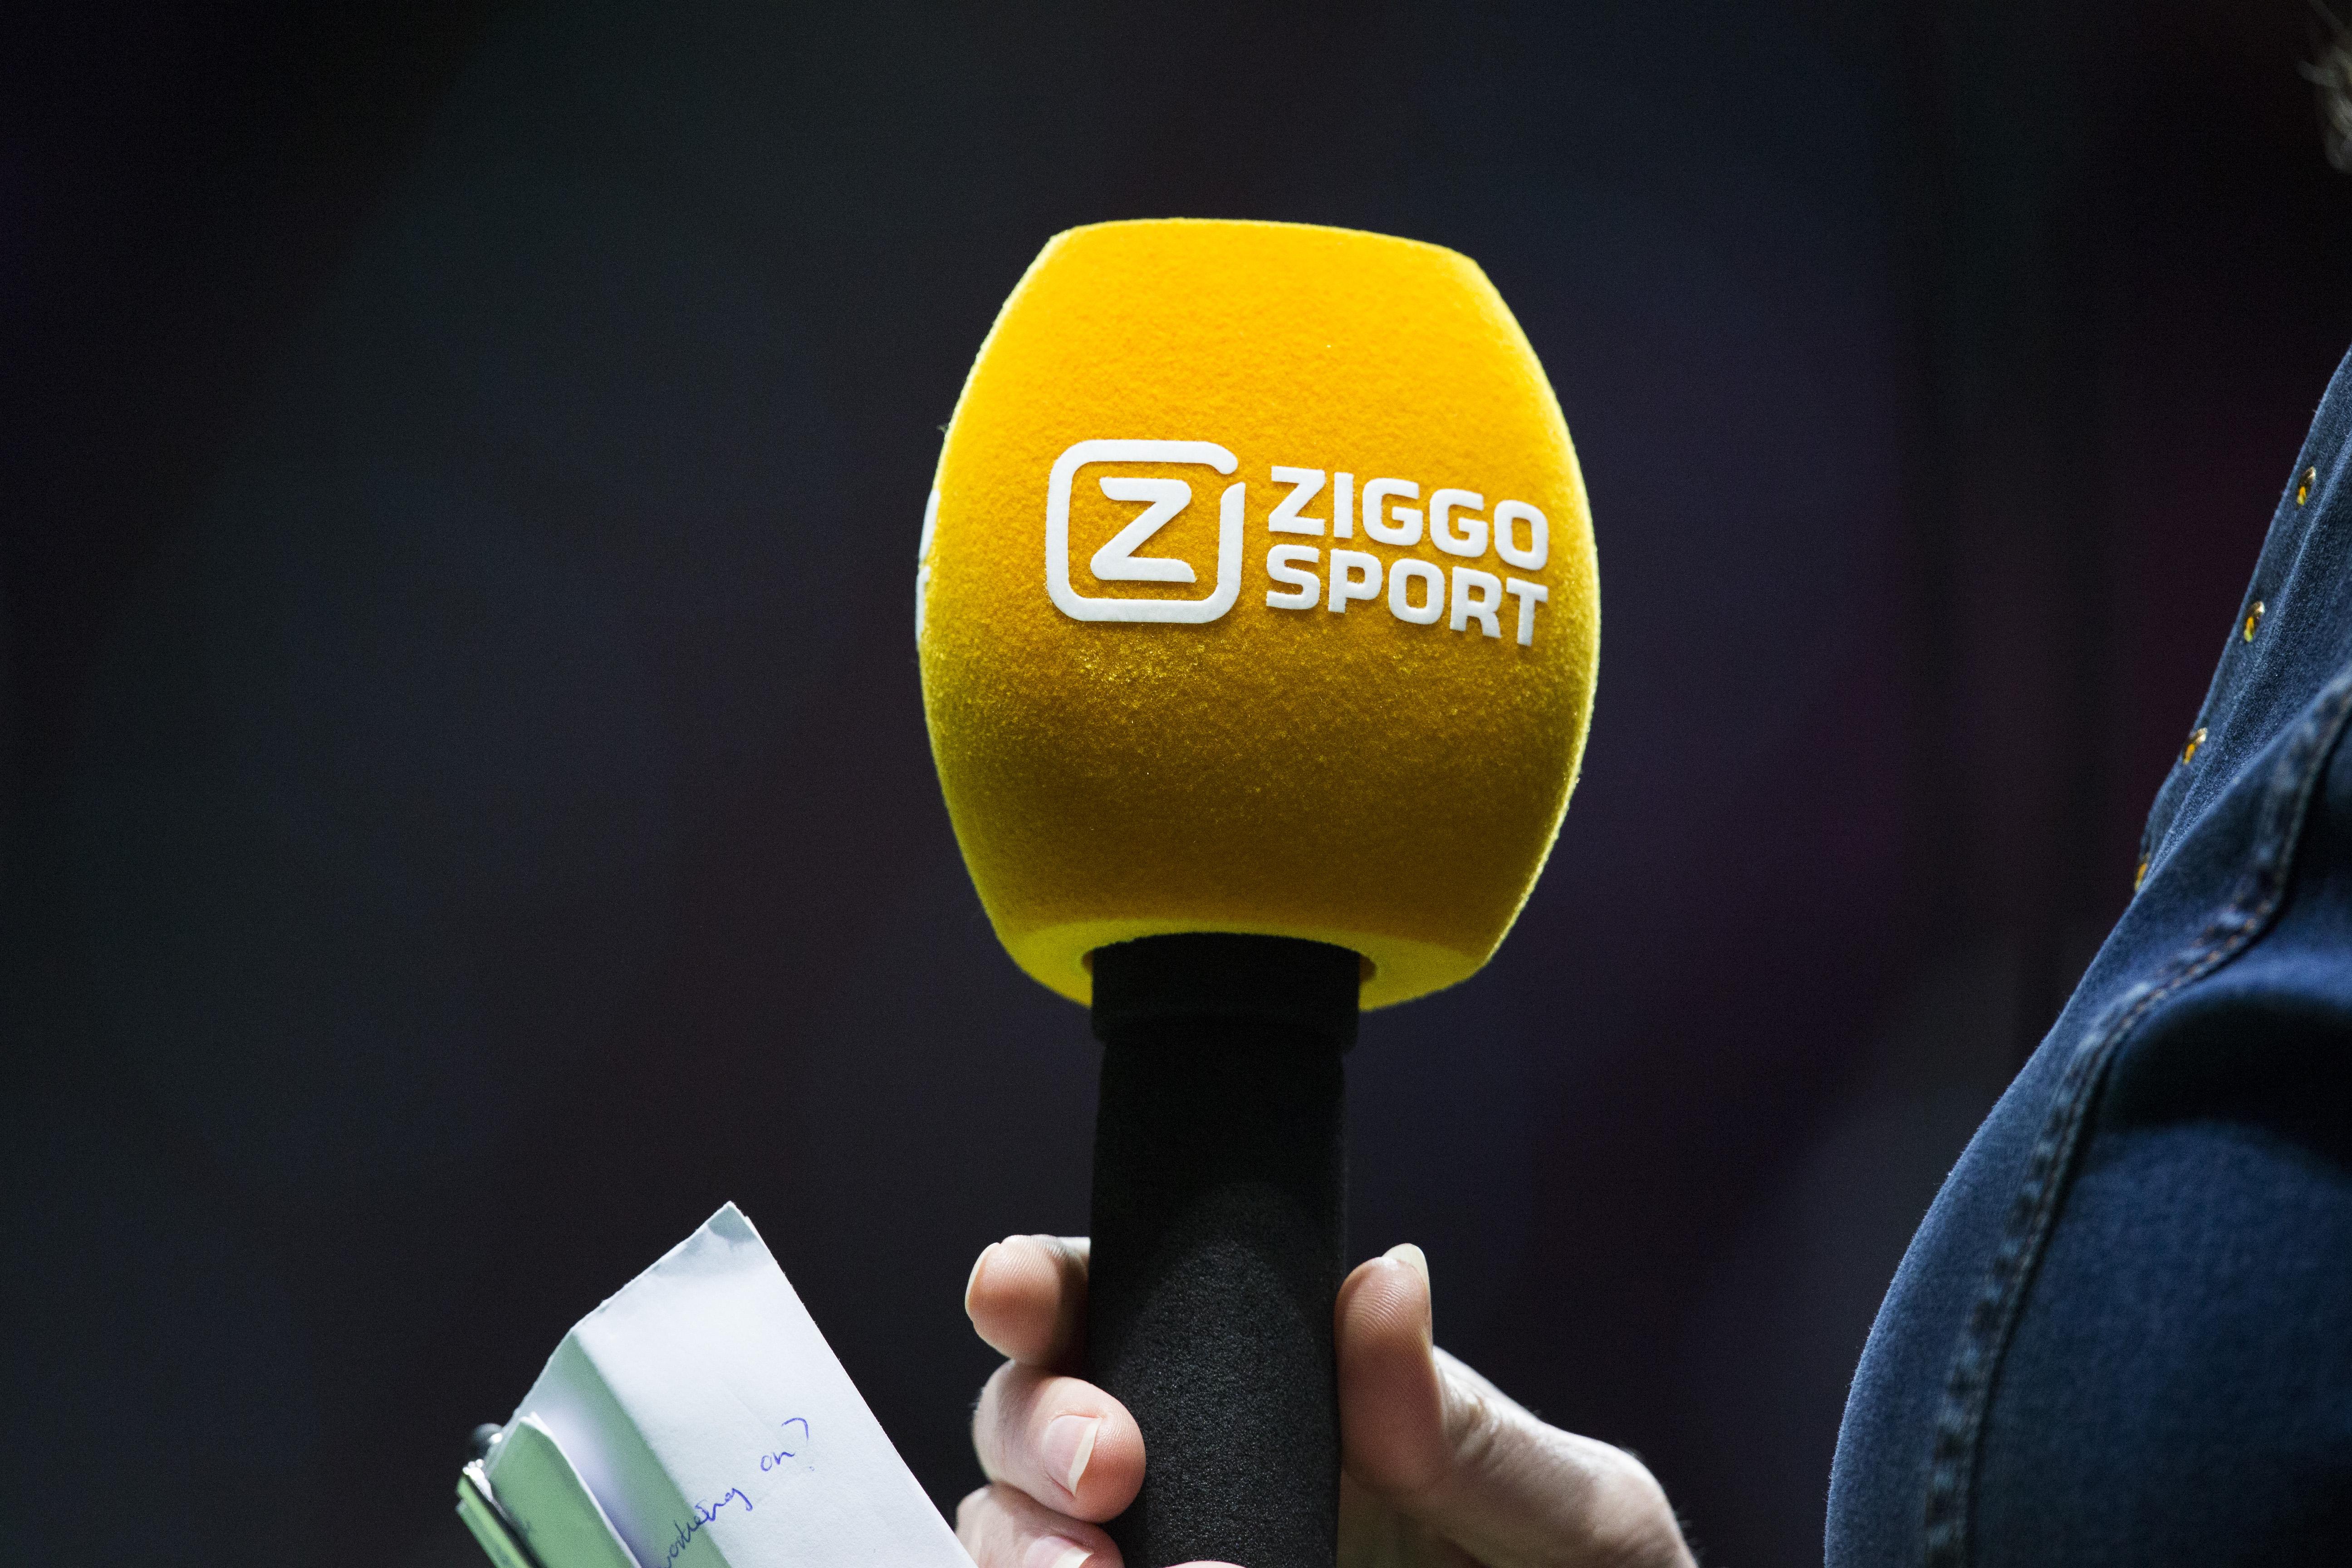 Ziggo Sport maakt van Rondo een farce